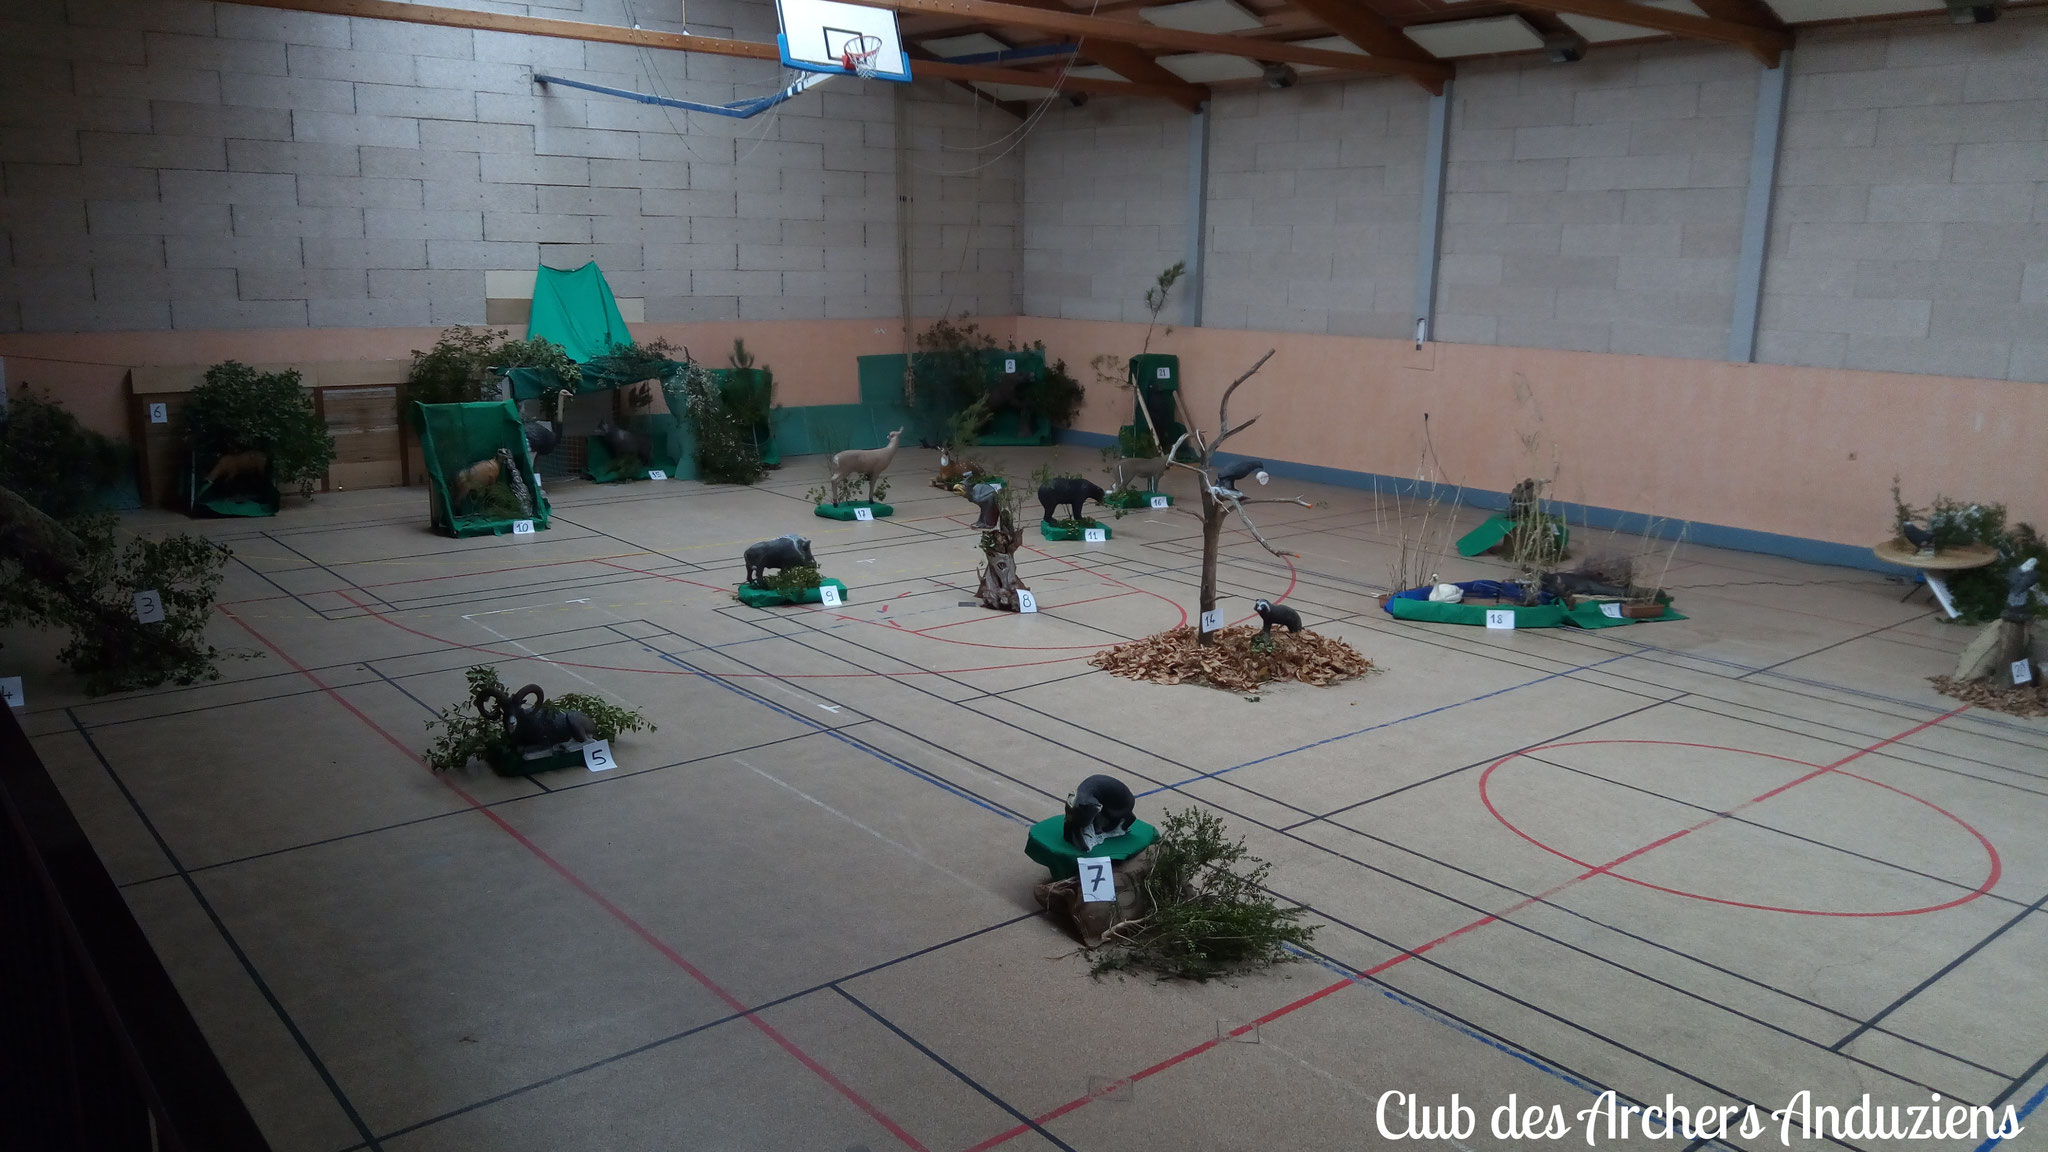 3D Indoor - Anduze 2018 (P4)